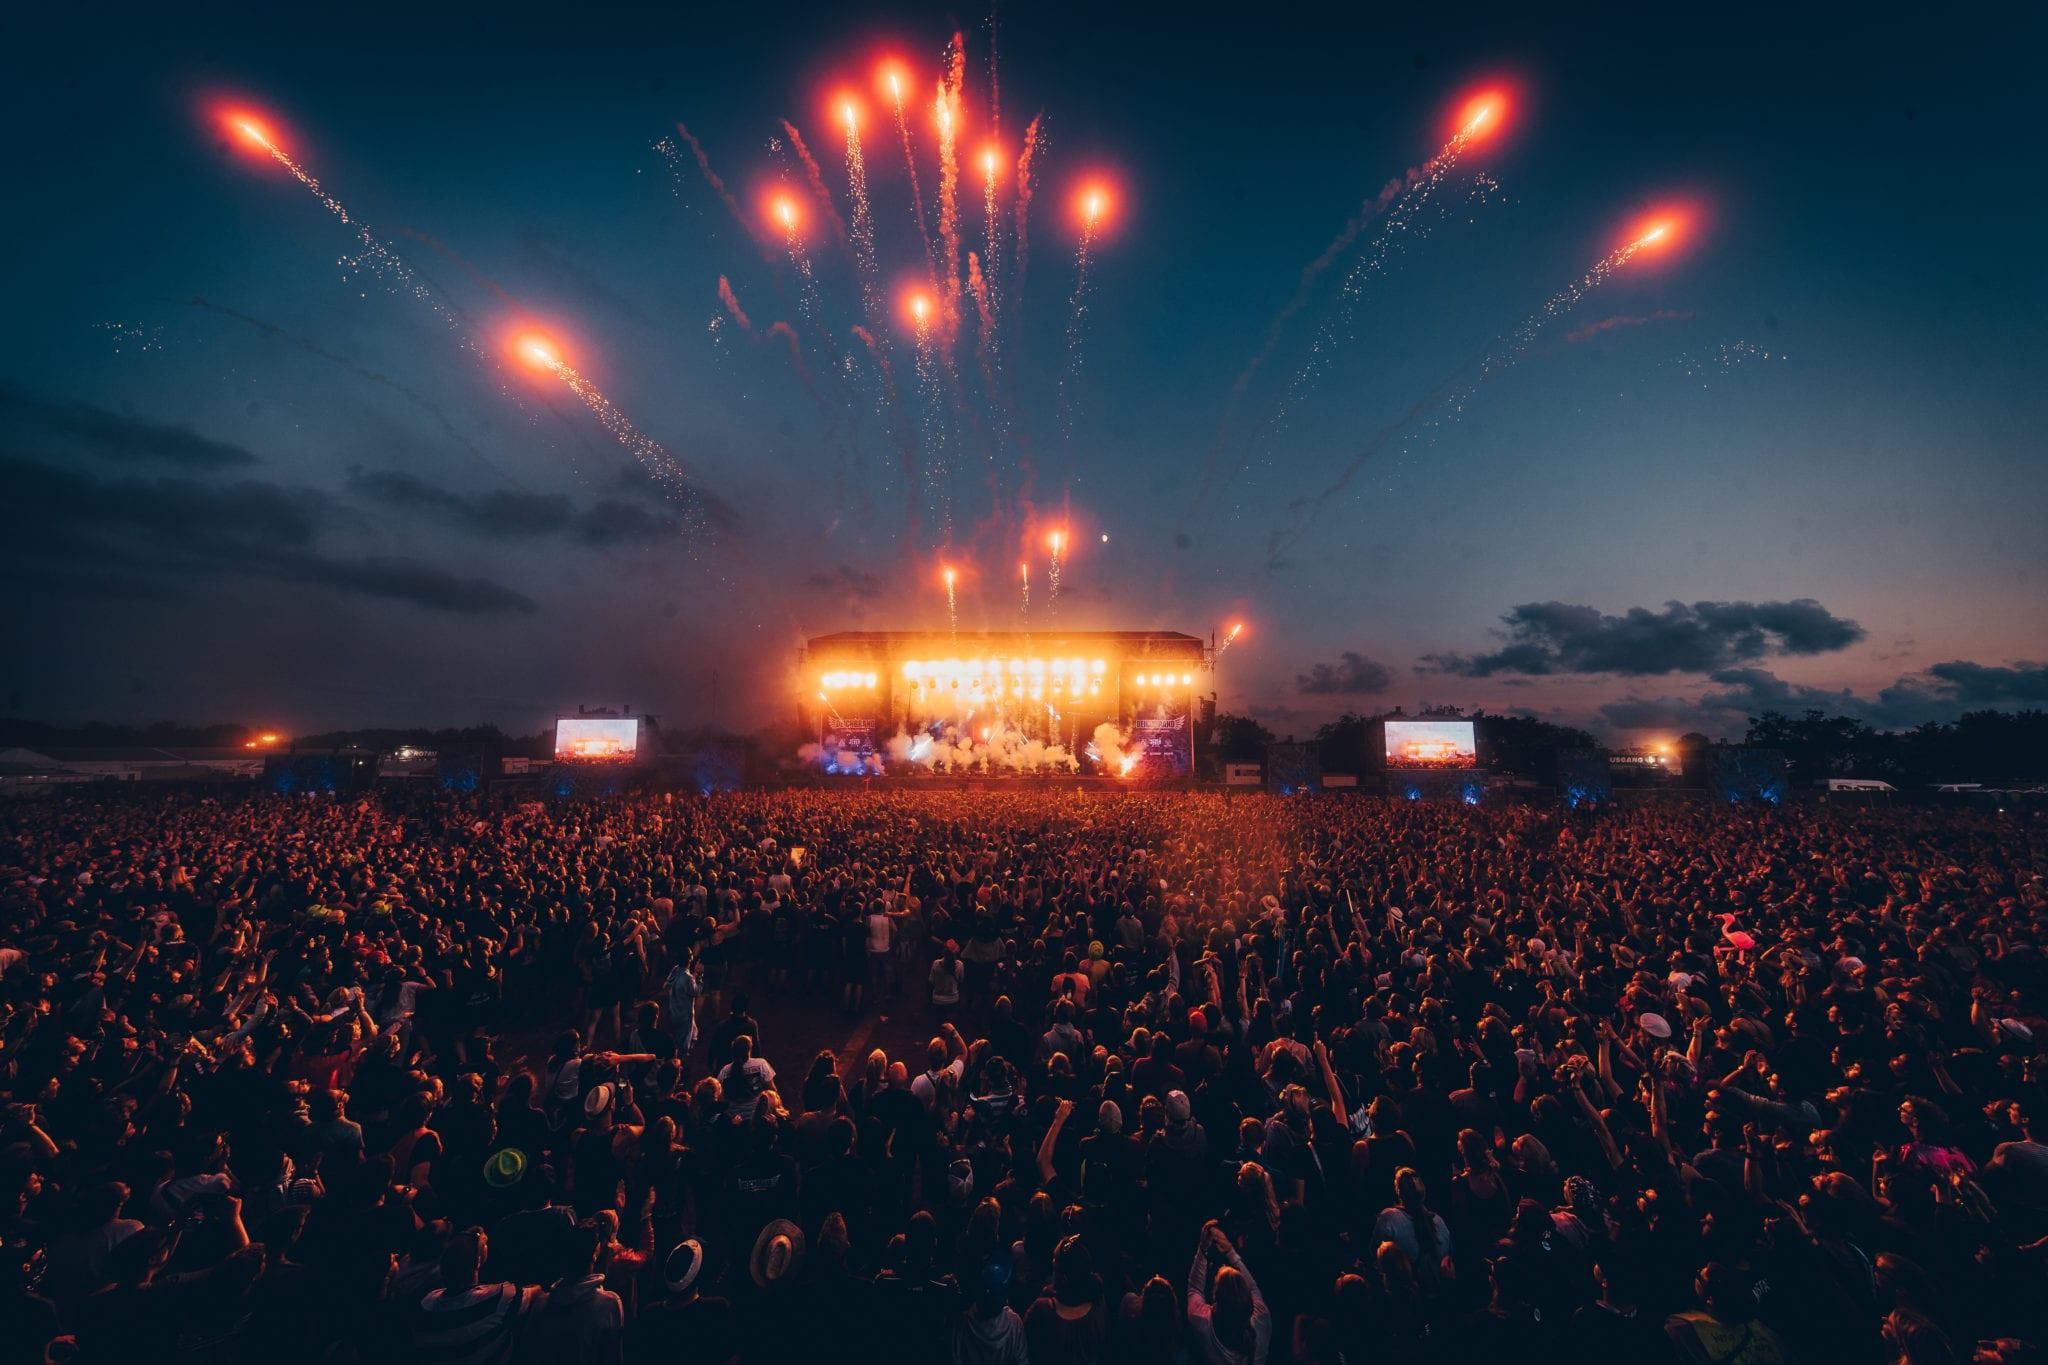 Credit 22Ulf Duda DEICHBRAND Festival22 DeichbrandImpressioen2018396 - Die besten Festivals!!! Teil 3 + Verlosung